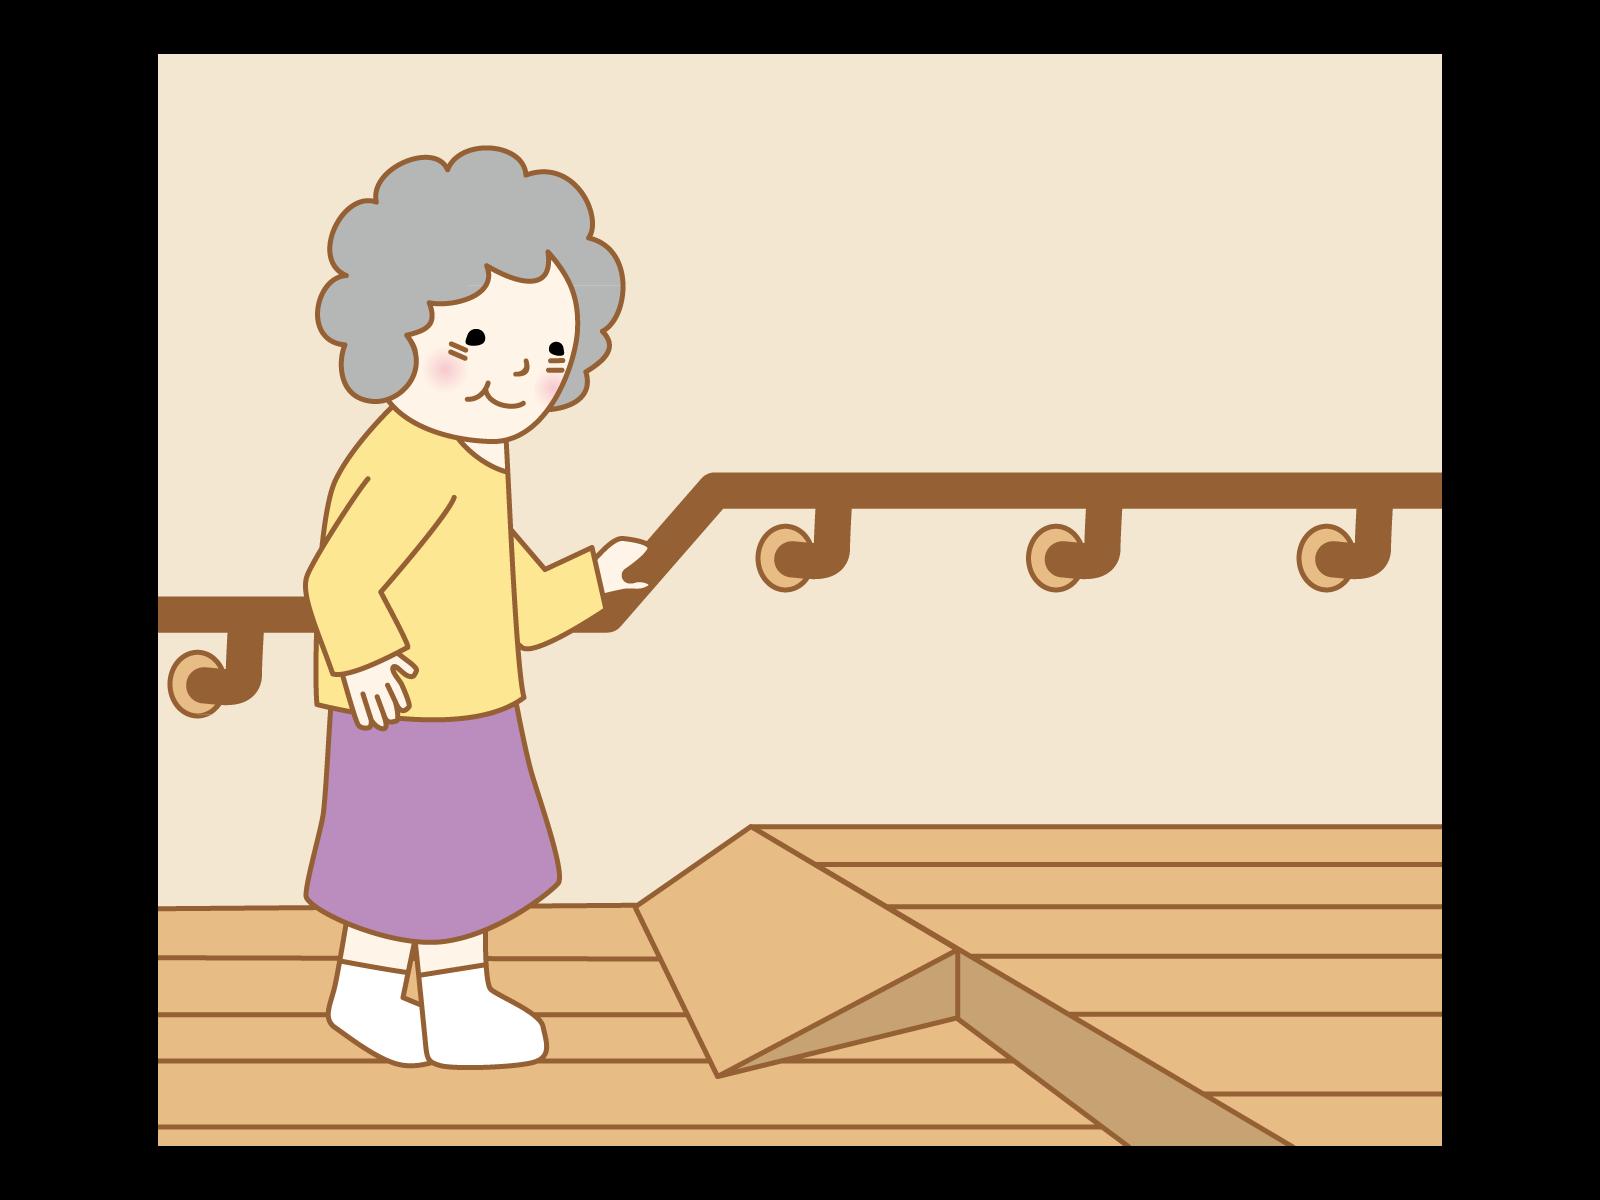 介護保険の住宅改修制度を利用!段差解消や手すりの設置を事例別にご紹介